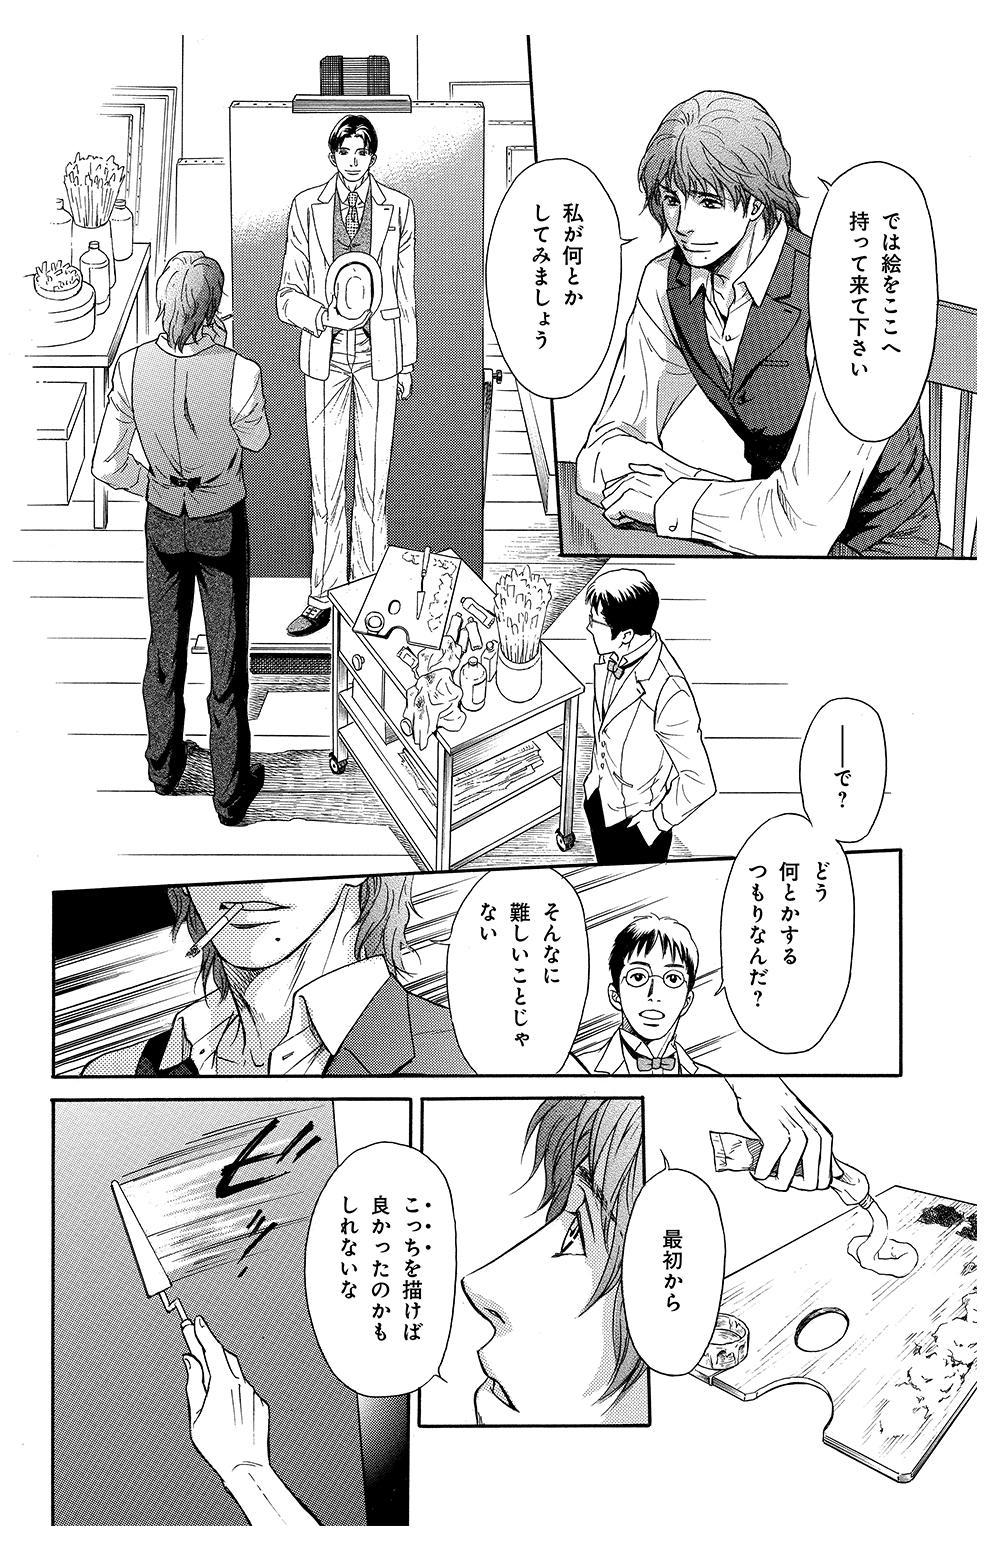 鵼の絵師 第1話「鵼の絵師」②nue-1-22.jpg